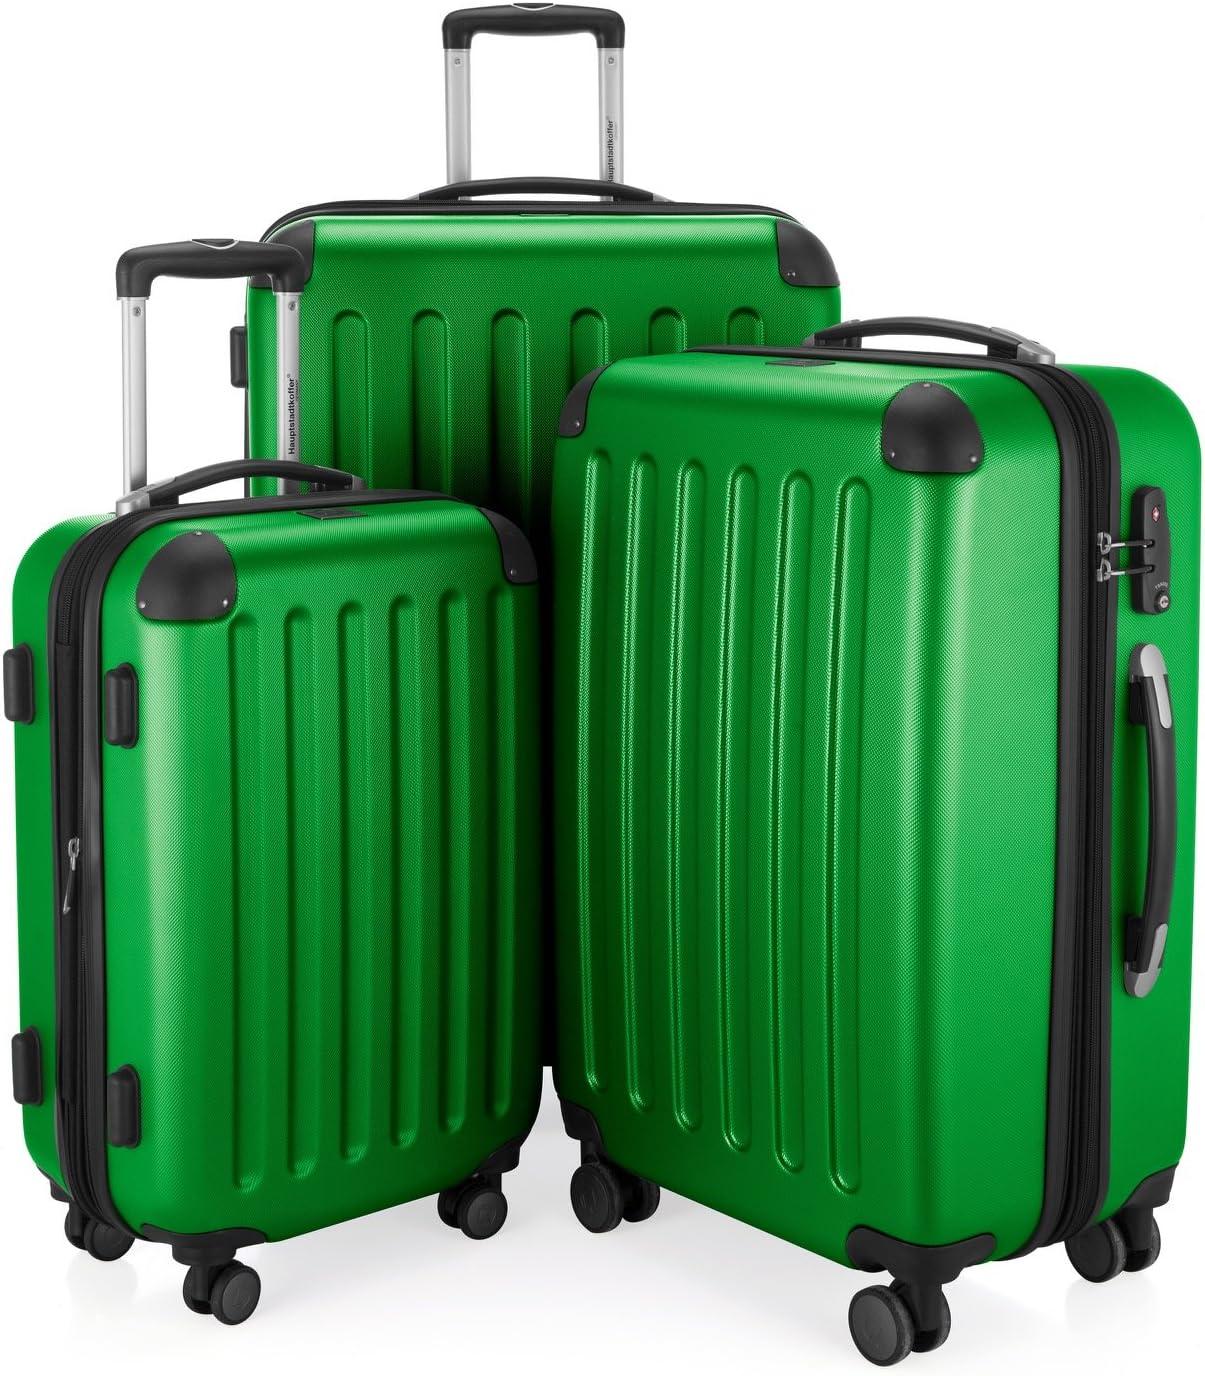 Hauptstadtkoffer Spree, Juego de maletas, Verde